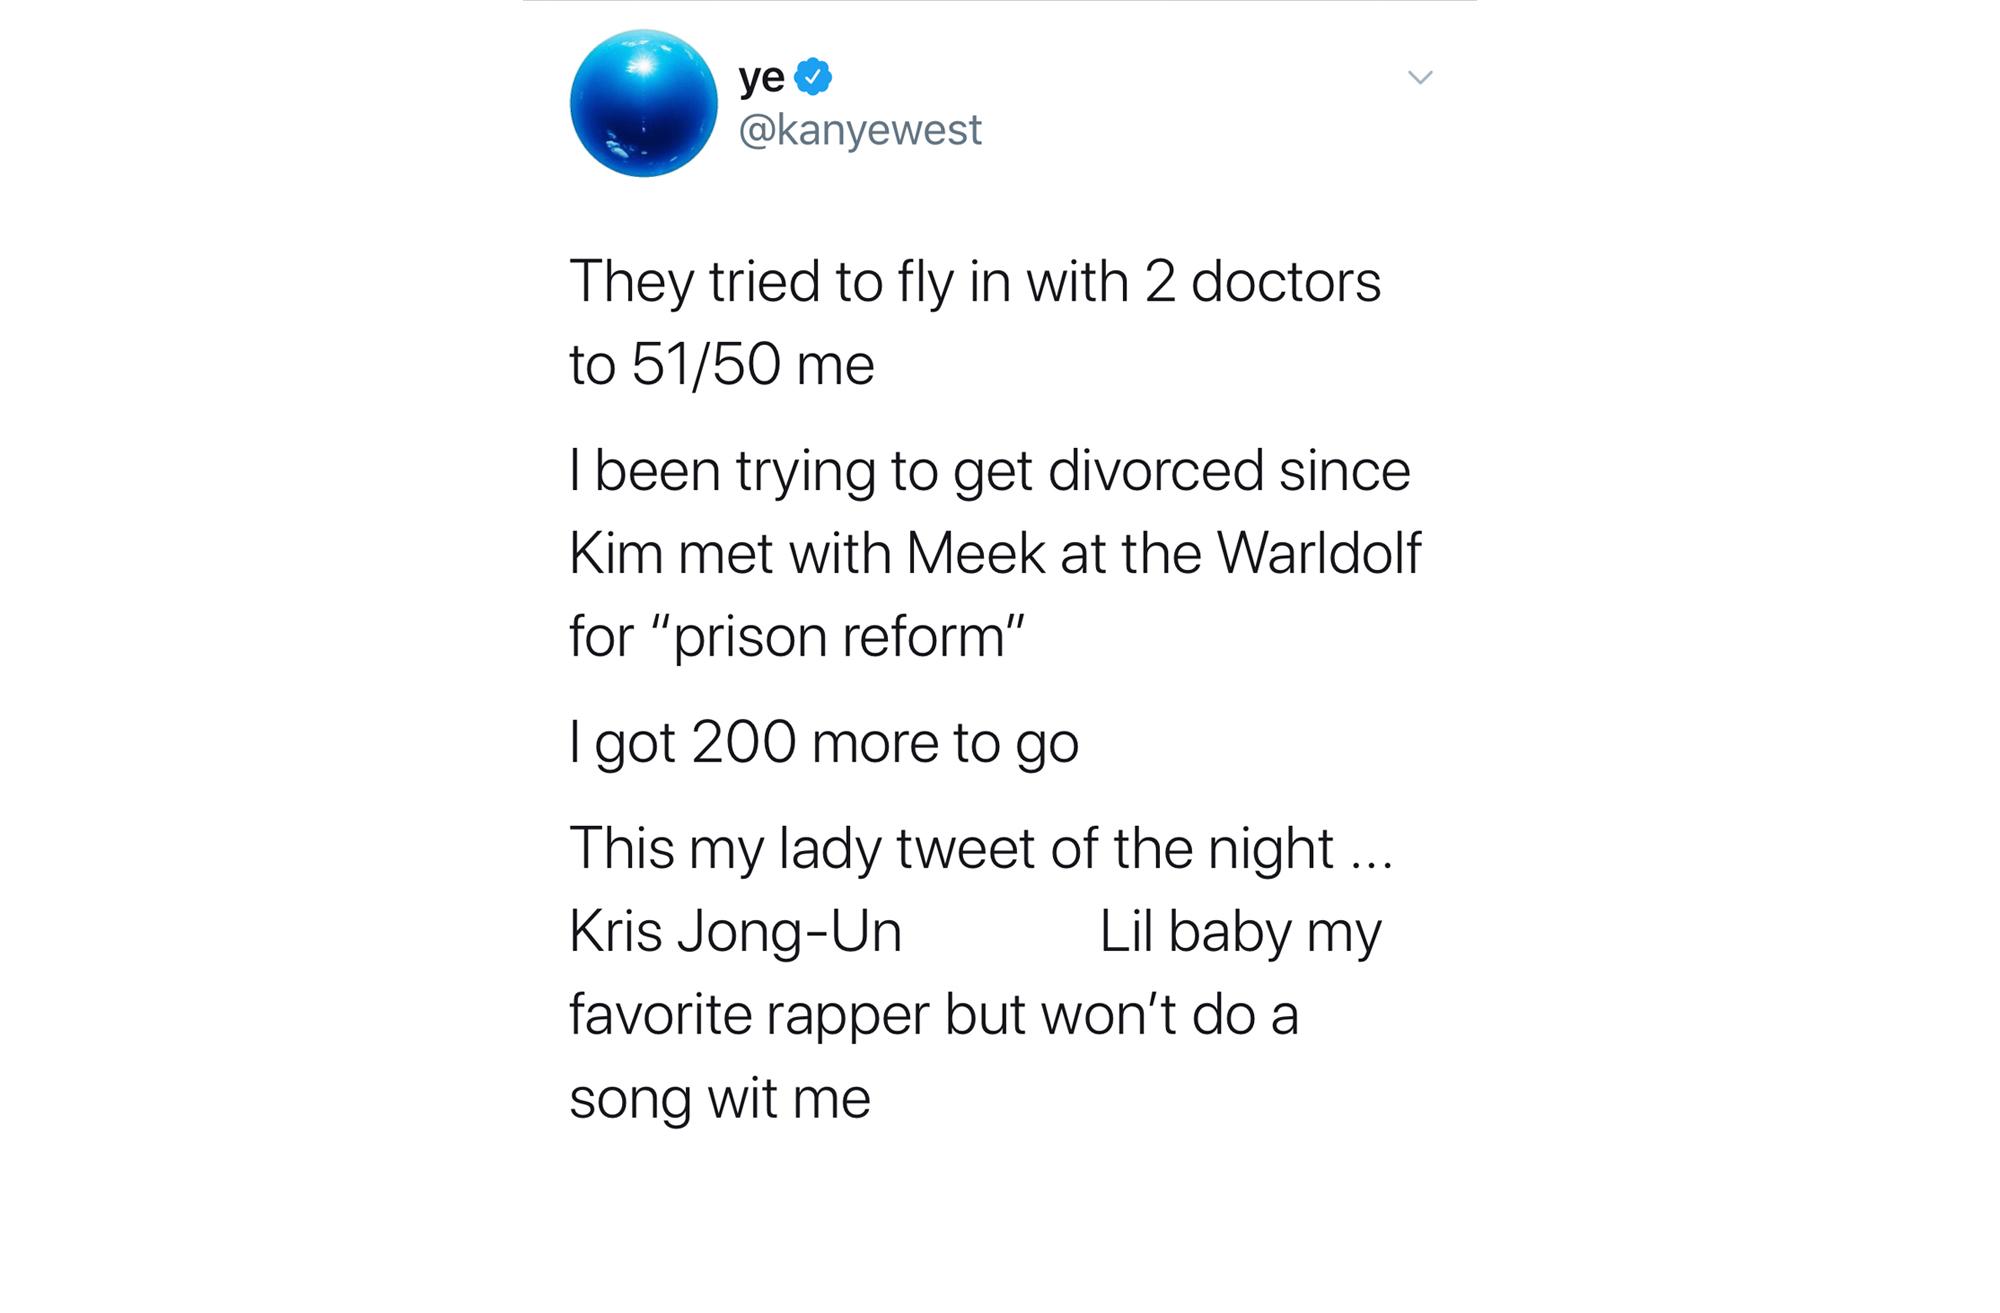 El tuit de Kanye West donde dice que le ha pedido el divorcio